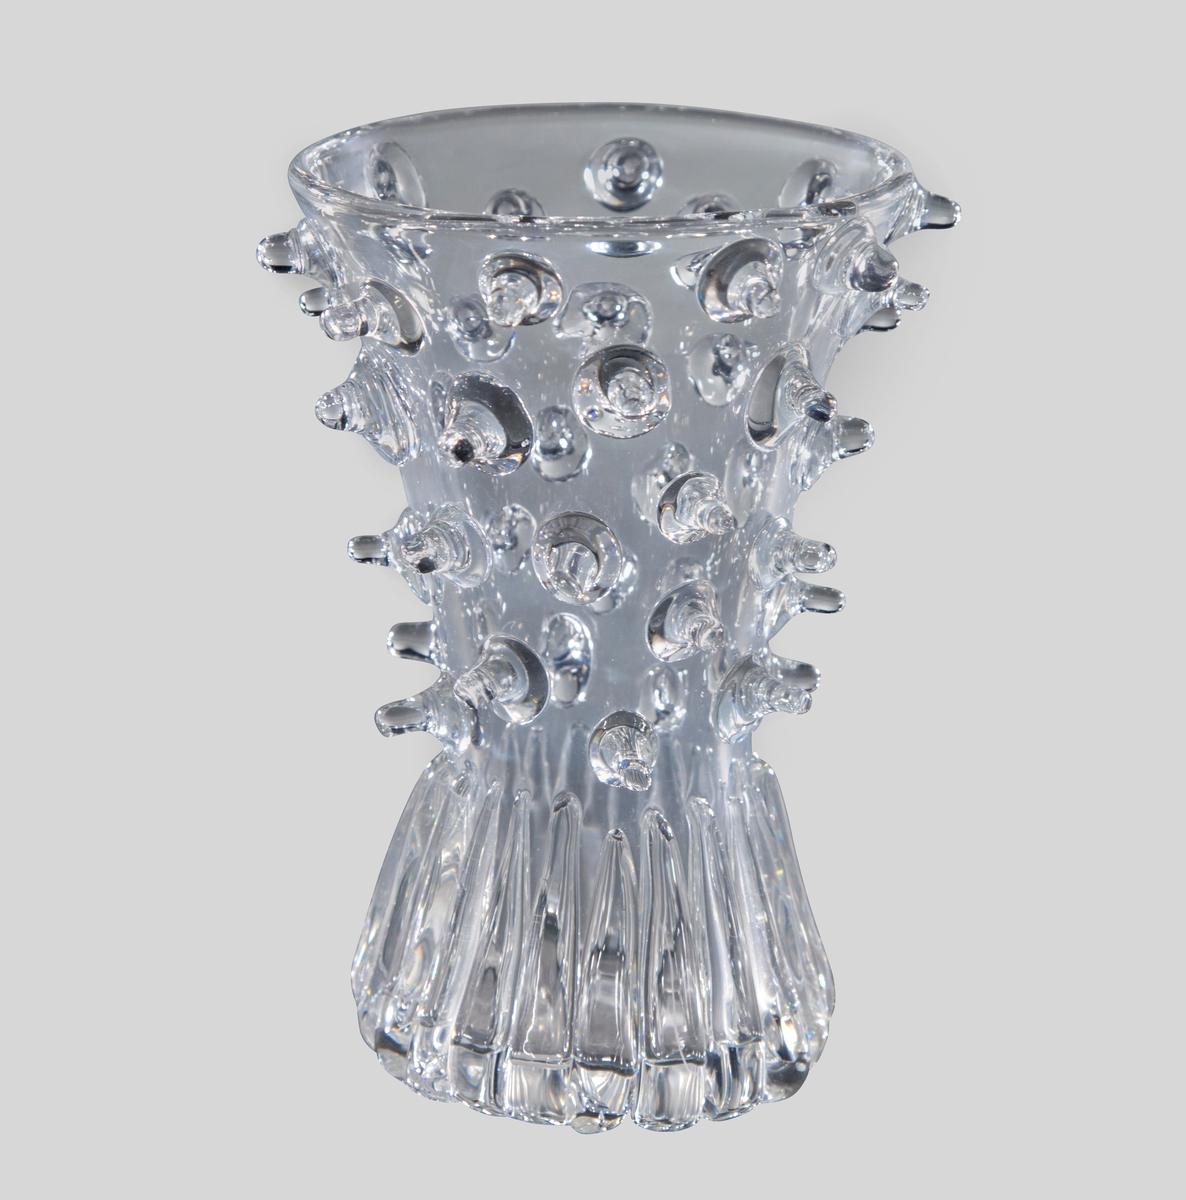 """Begerformet vase i klart glass. Øvre del av er tett dekorert med plastiske """"nupper"""" som stikker ut fra korpus, mens nedre del har dåpeformede vertikale riffler i lavt relieff."""